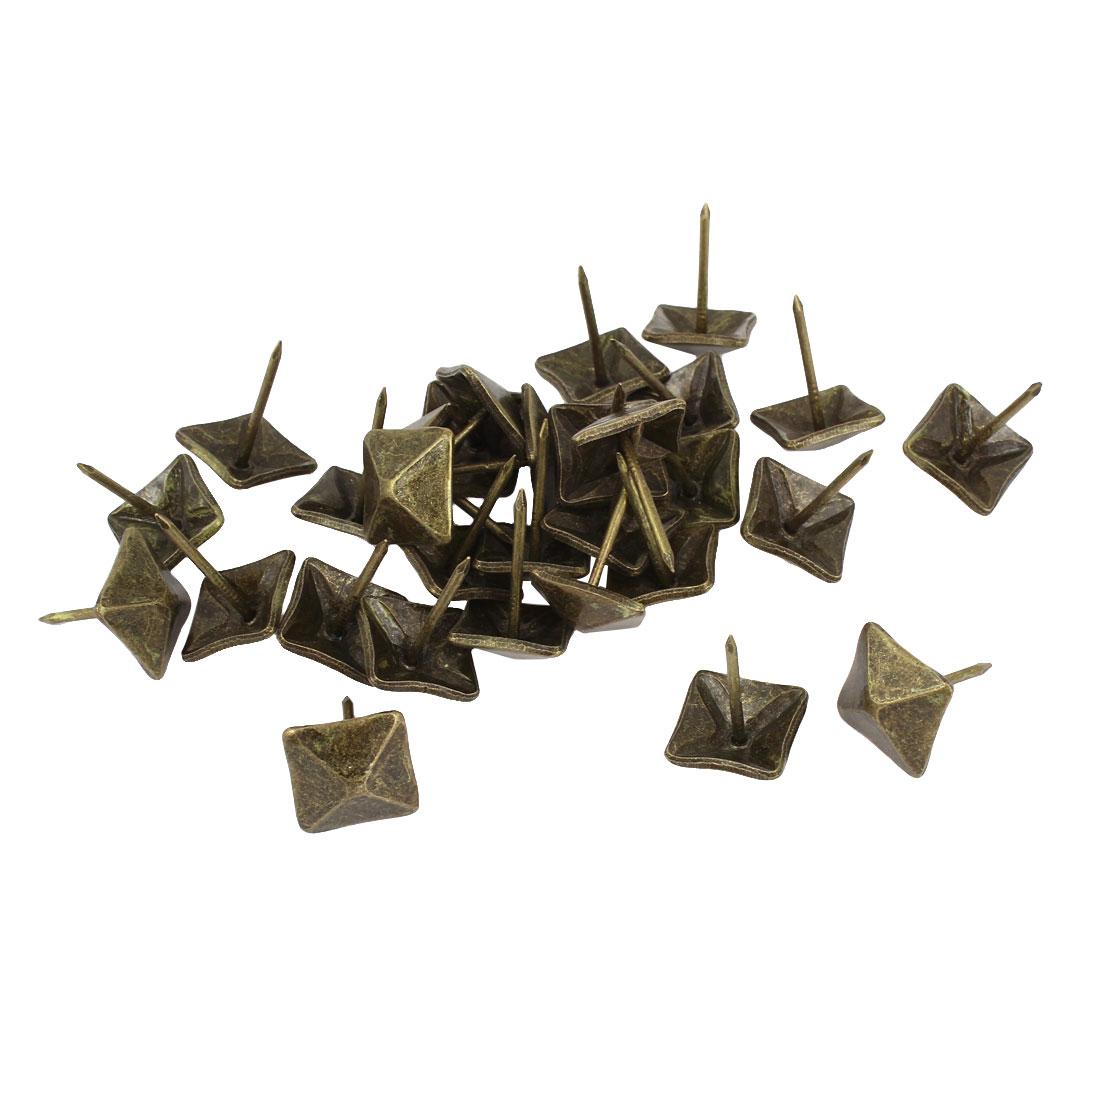 30 Pcs Bronze Tone Square Design Message Board Pushpins Thumb Tacks 14mm Dia